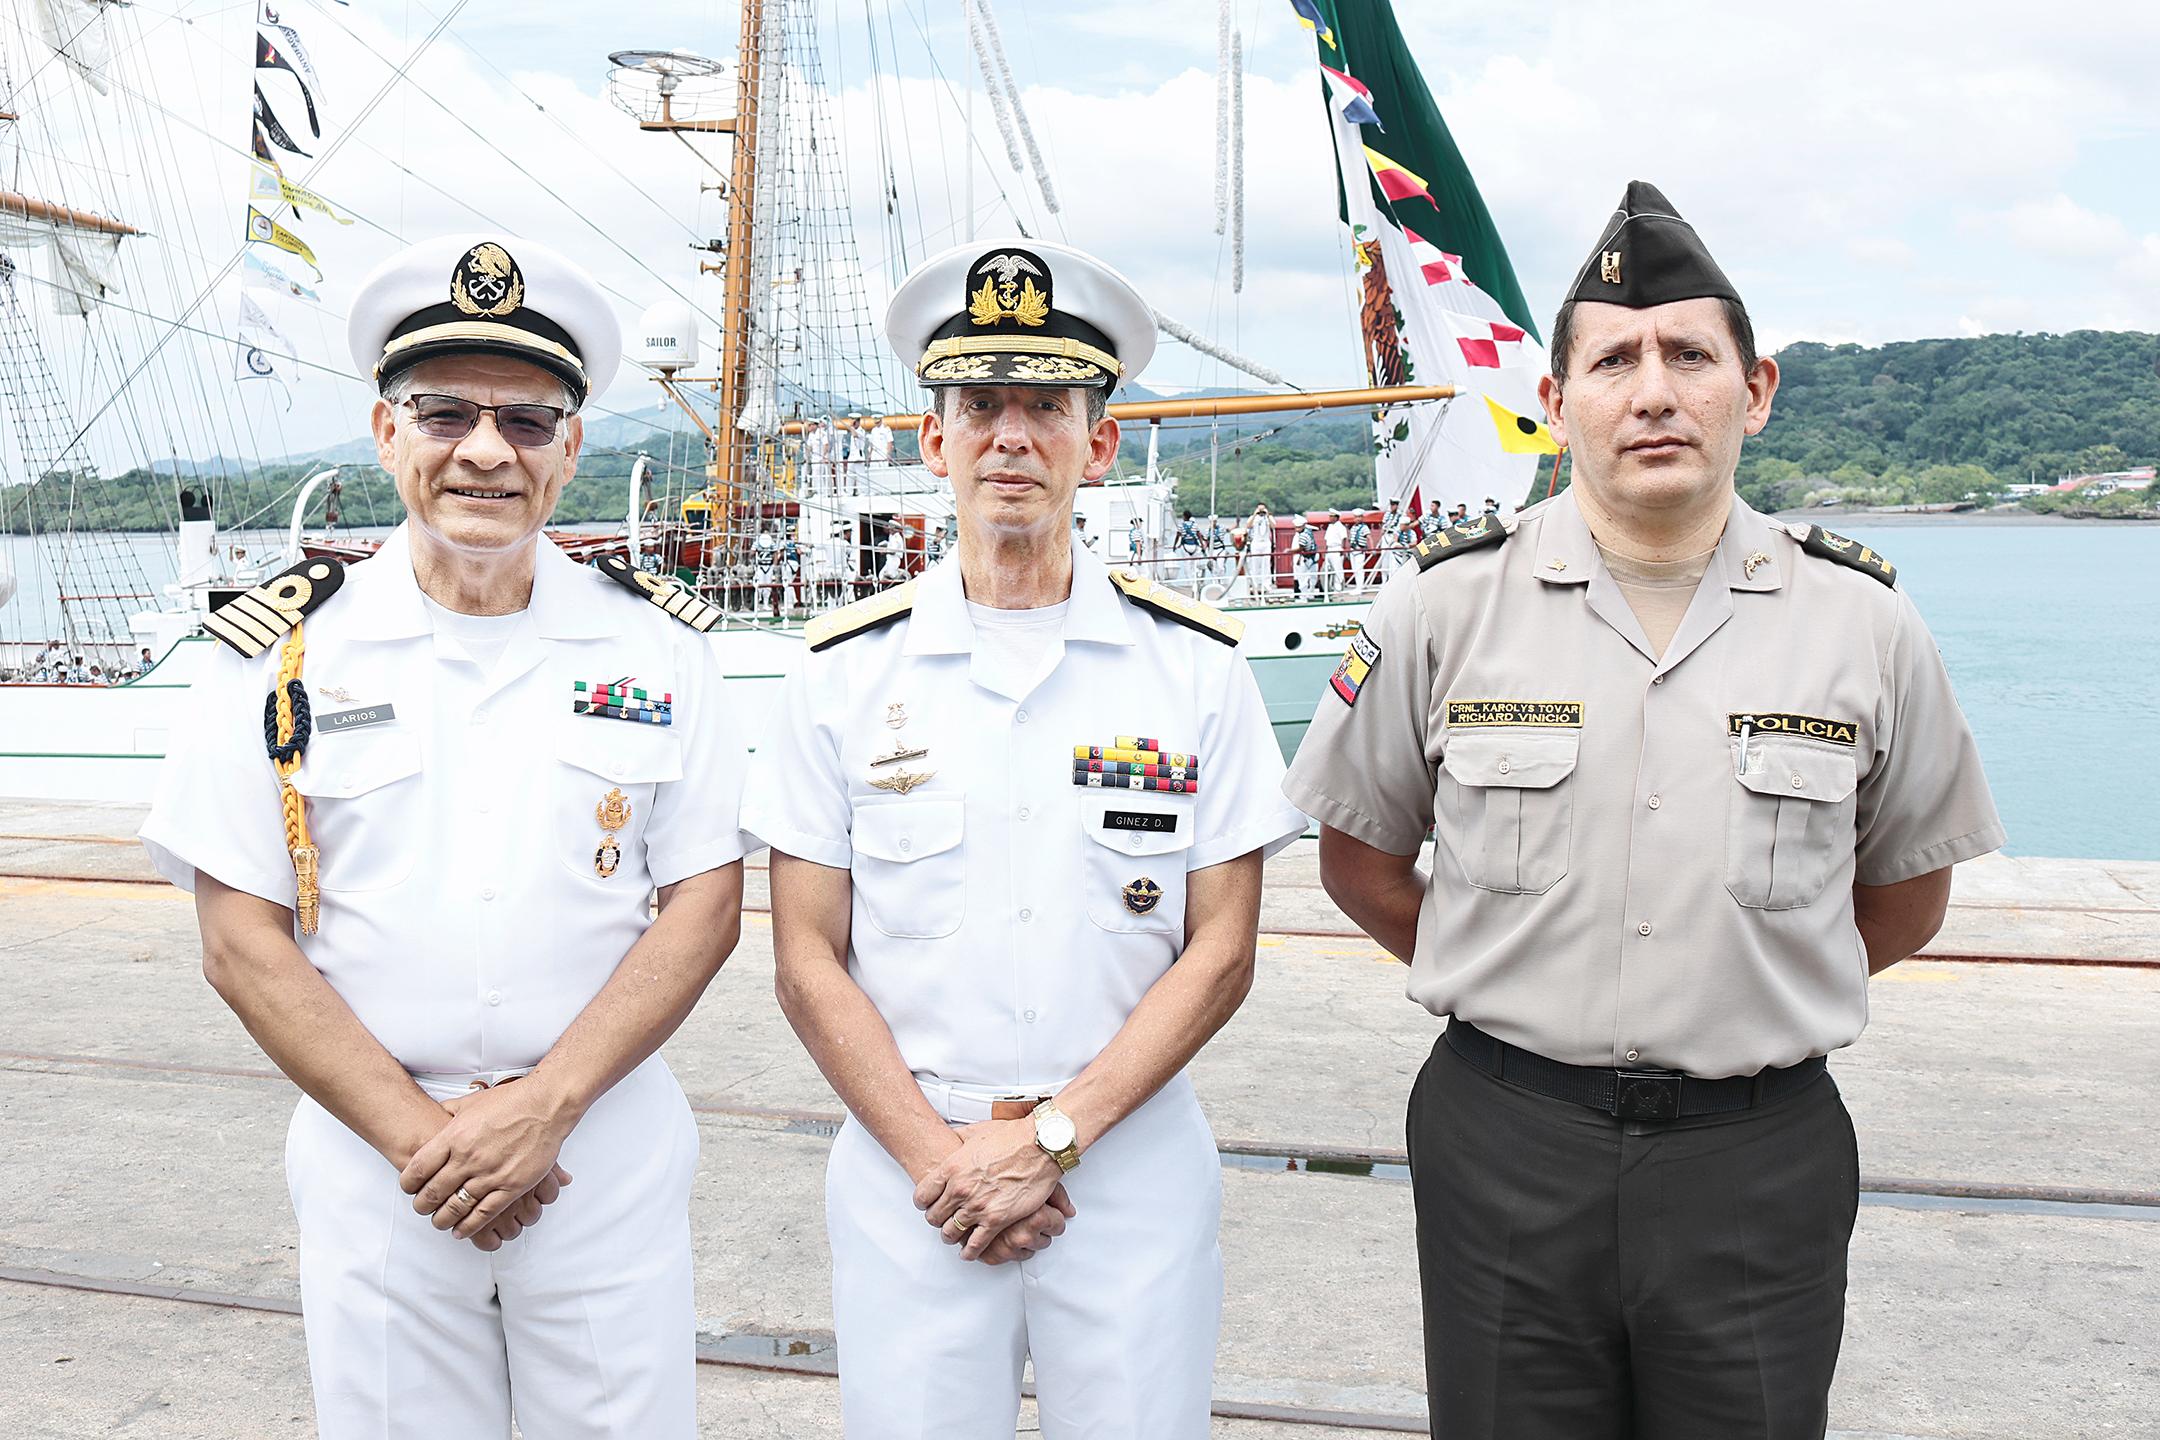 EMPRESARIALES EVENTOS  | Bienvenida a los cadetes de la Heróica Escuela NavalMilitar de México